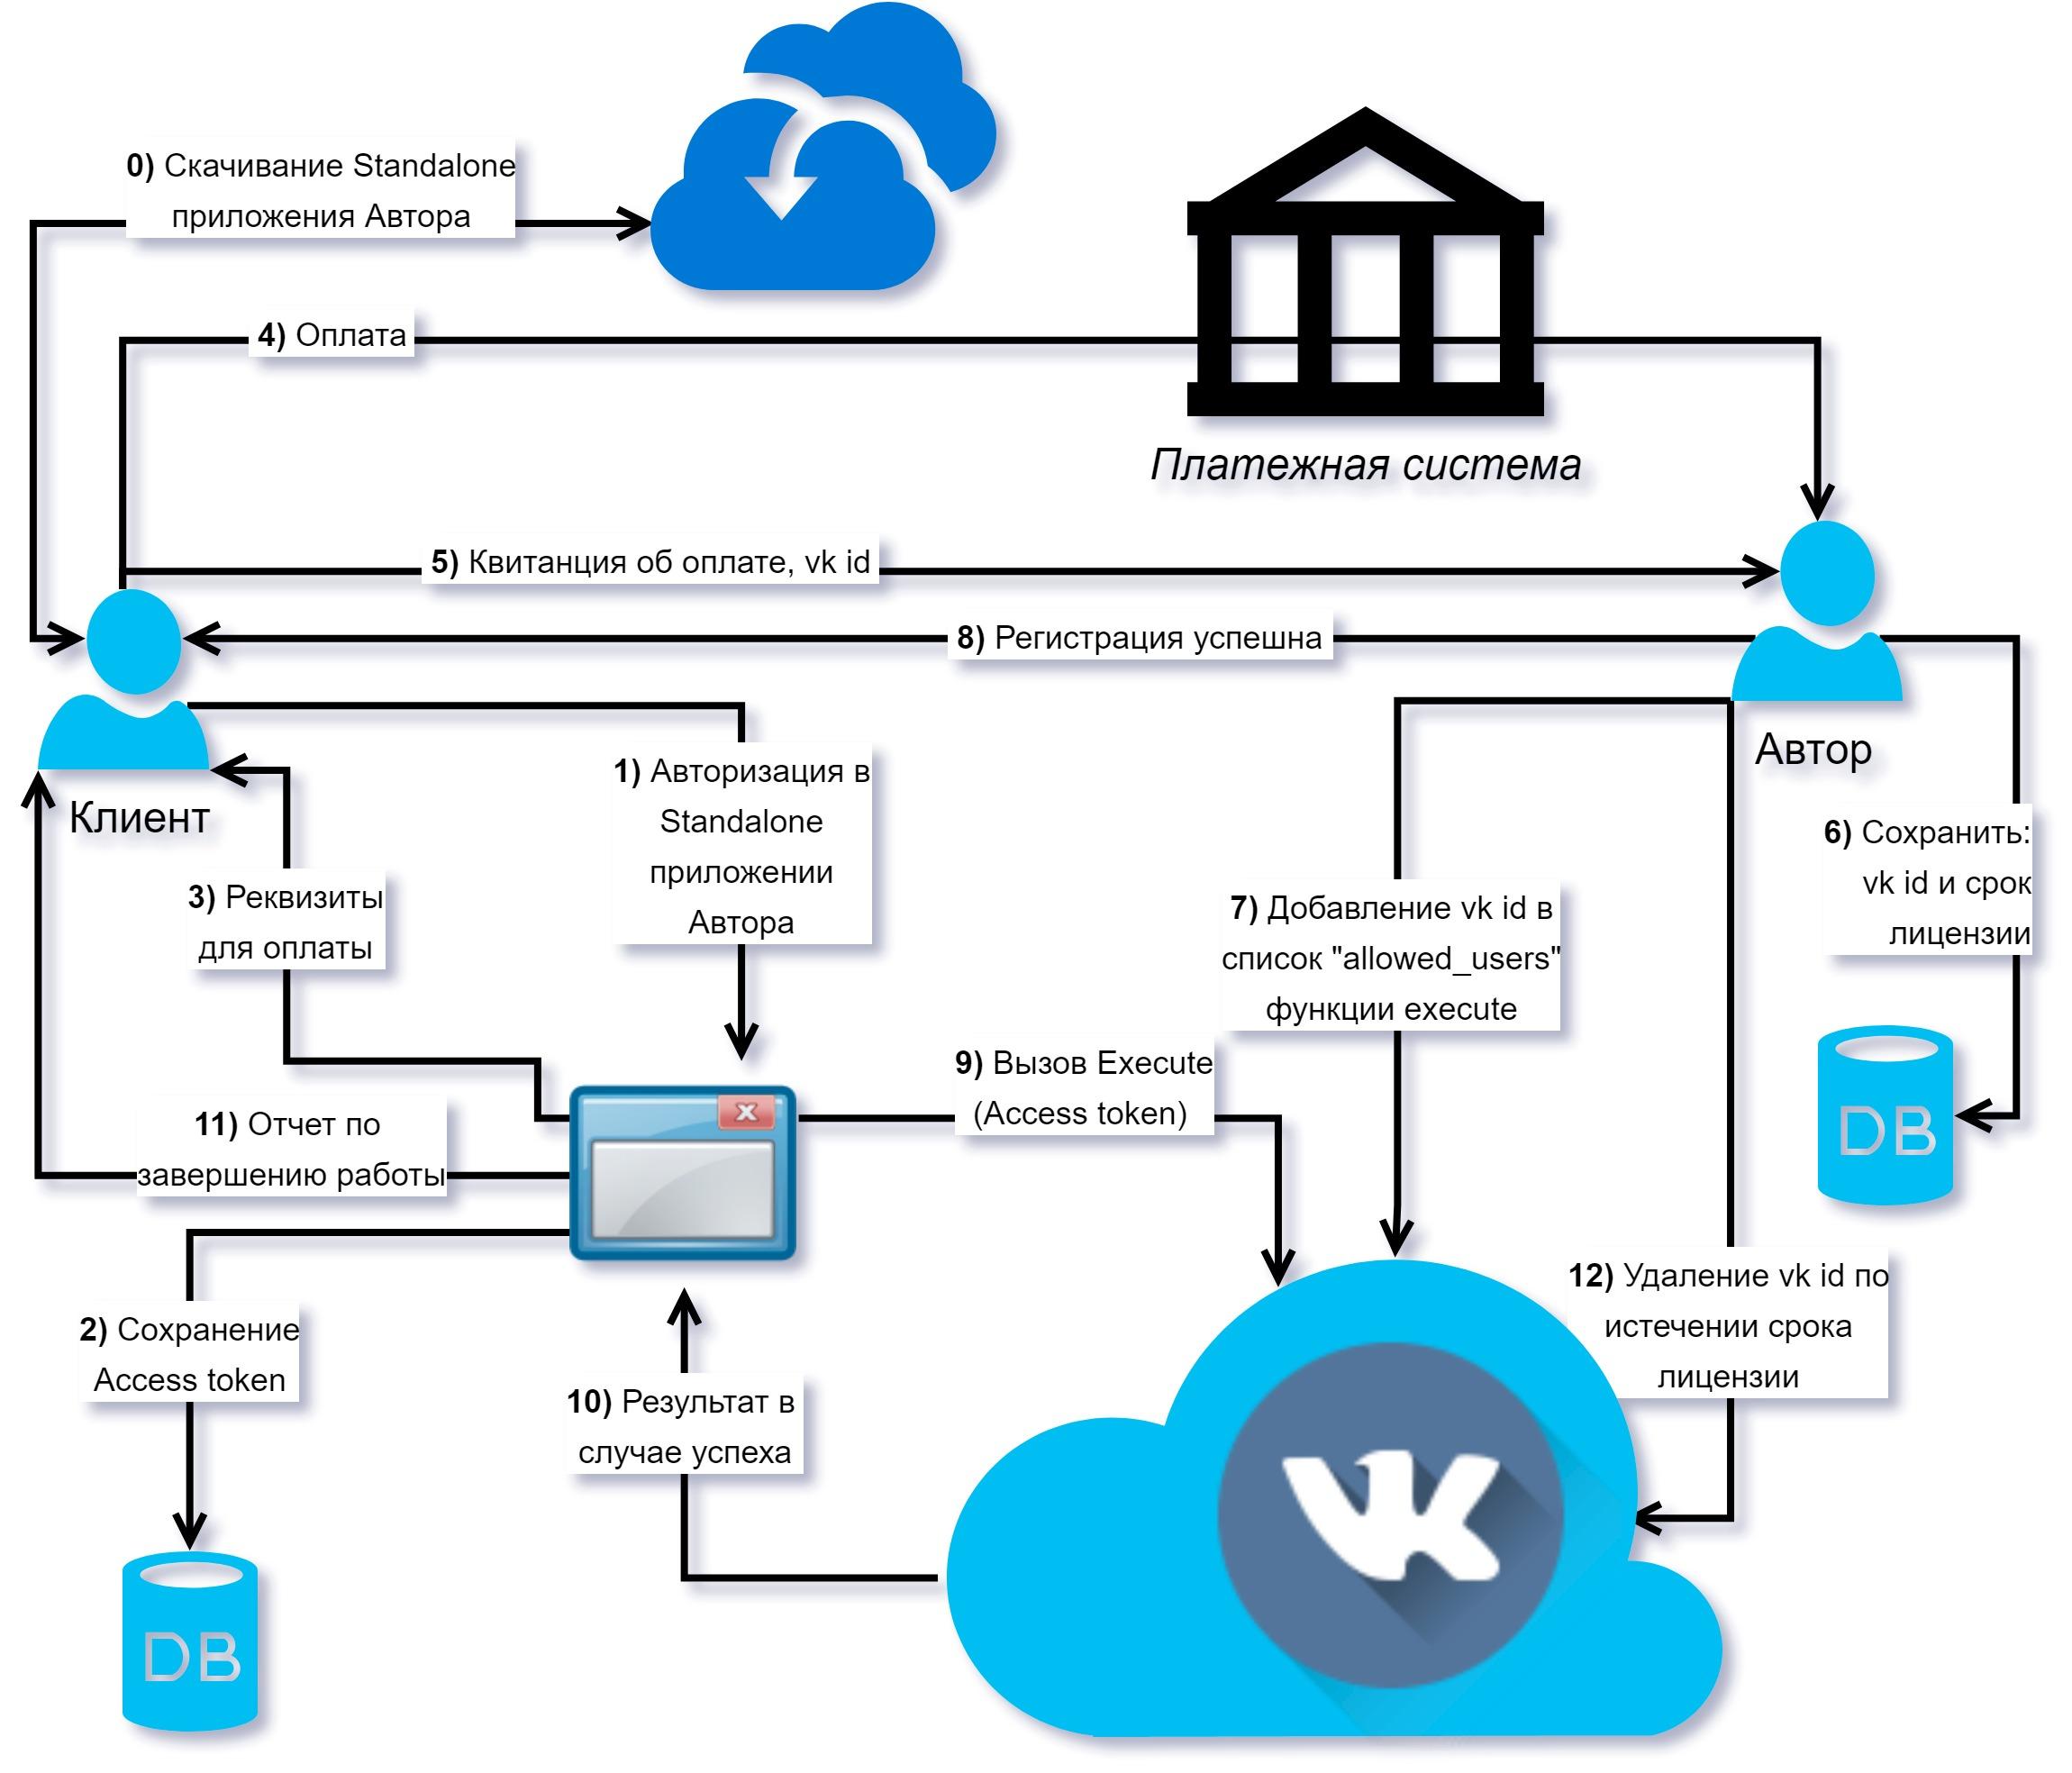 Защита программы через Vk.com - 1